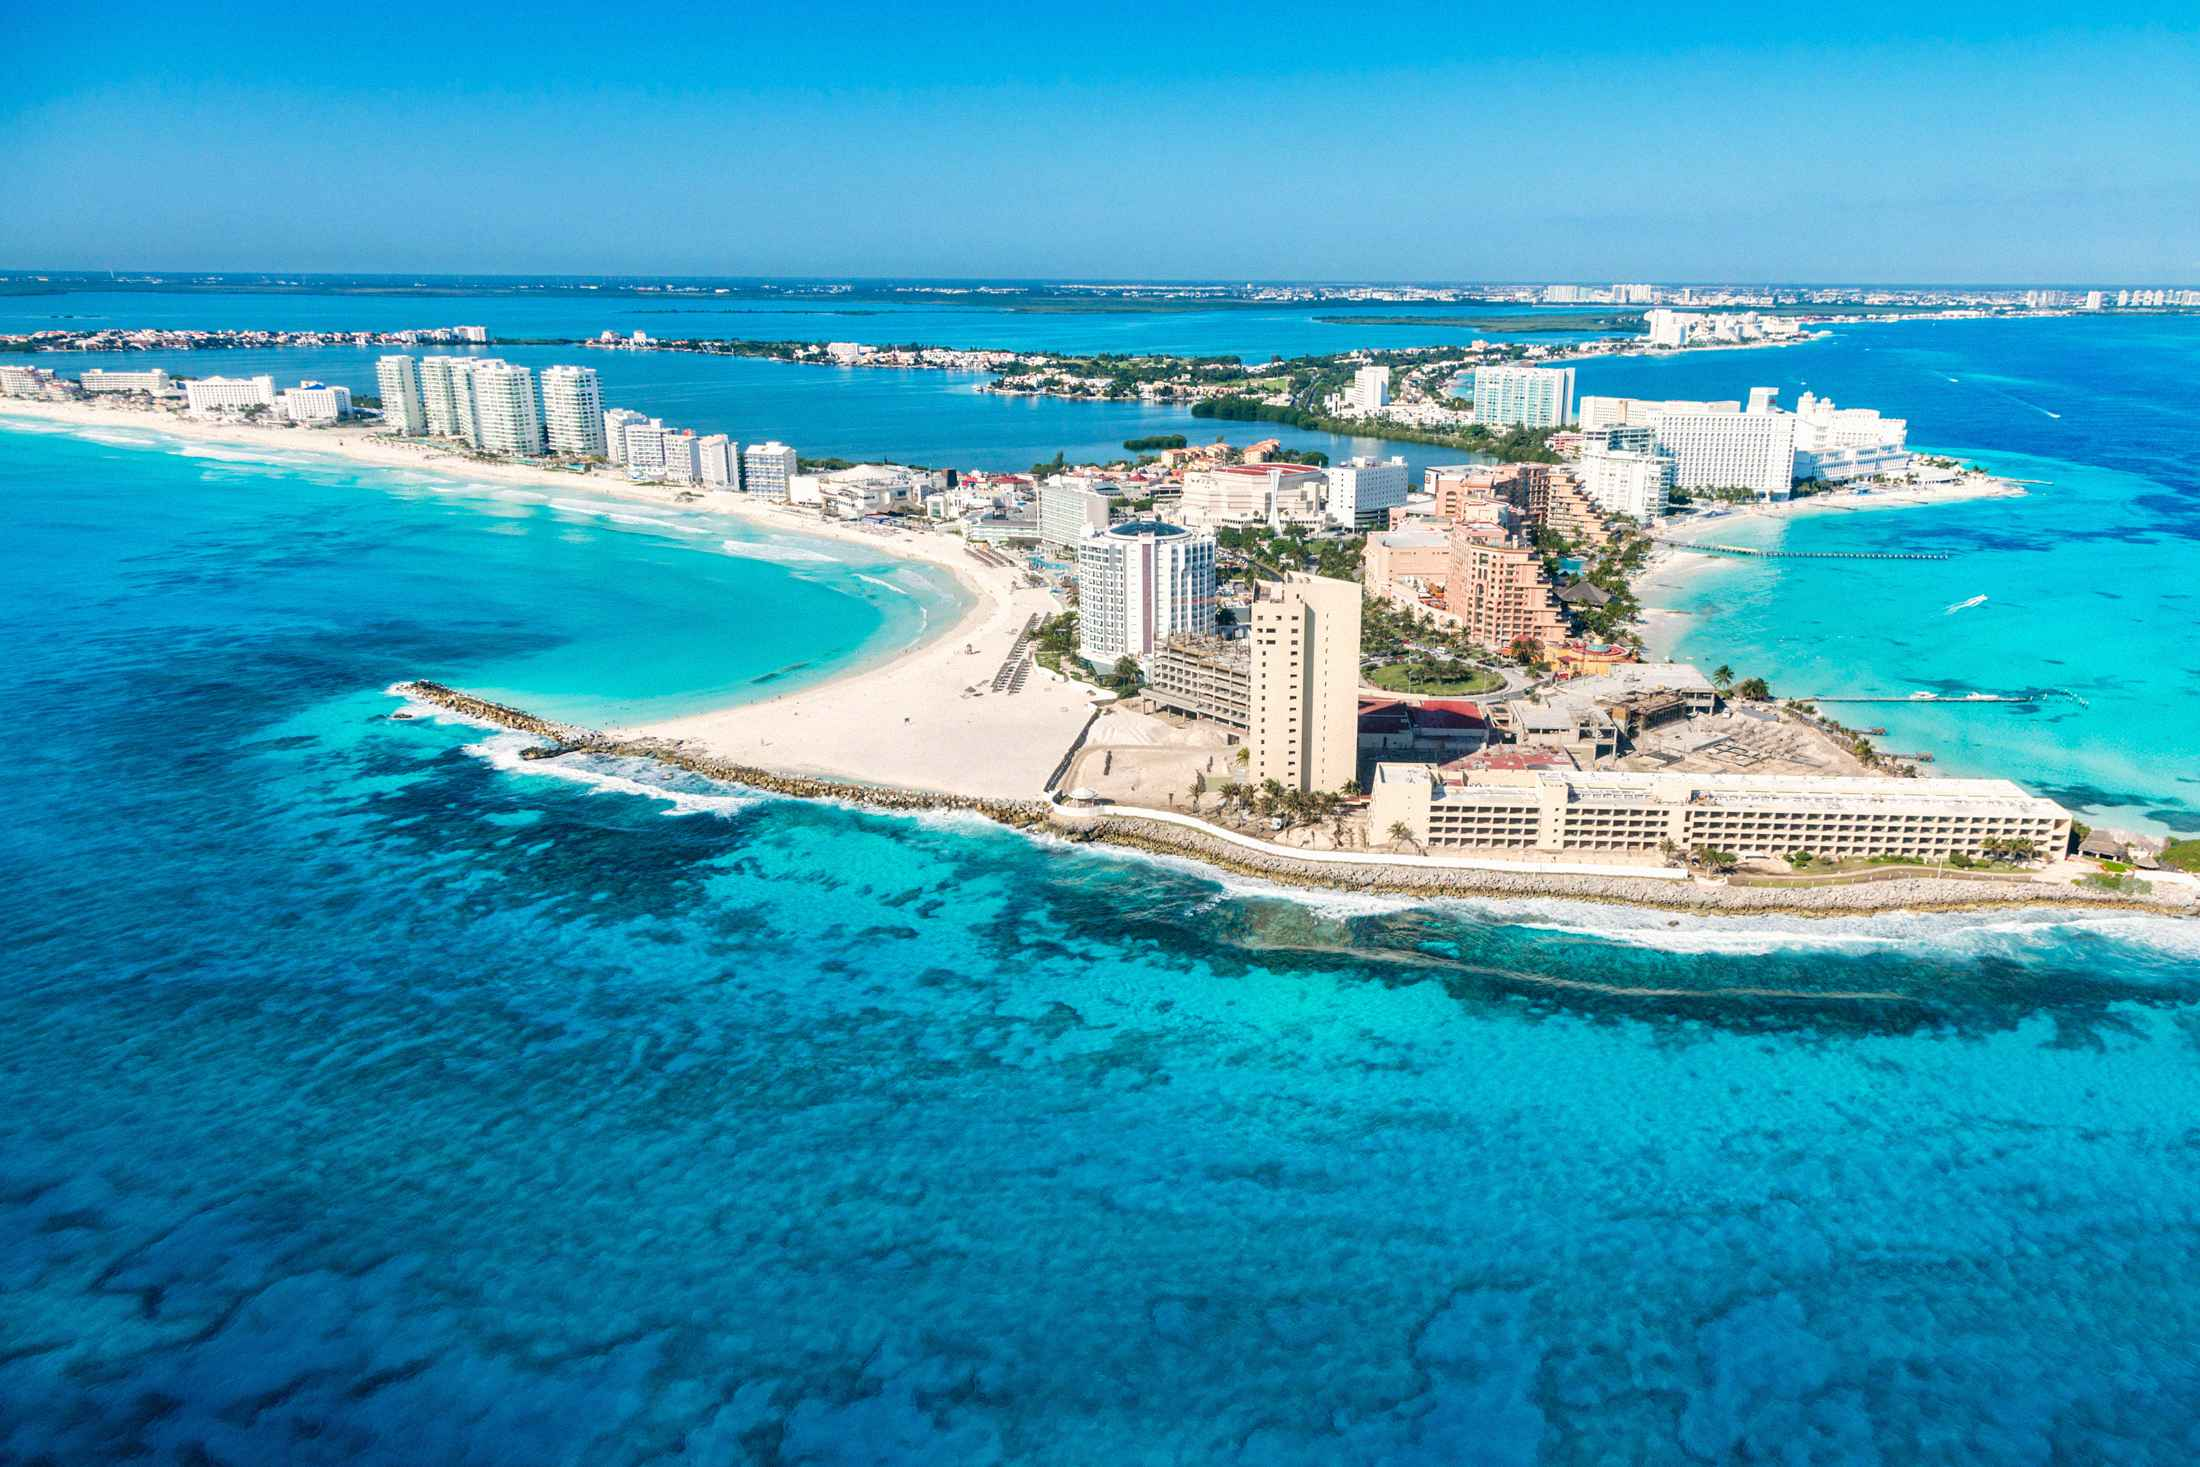 Una assicurazione per la barriera corallina delle coste del Messico